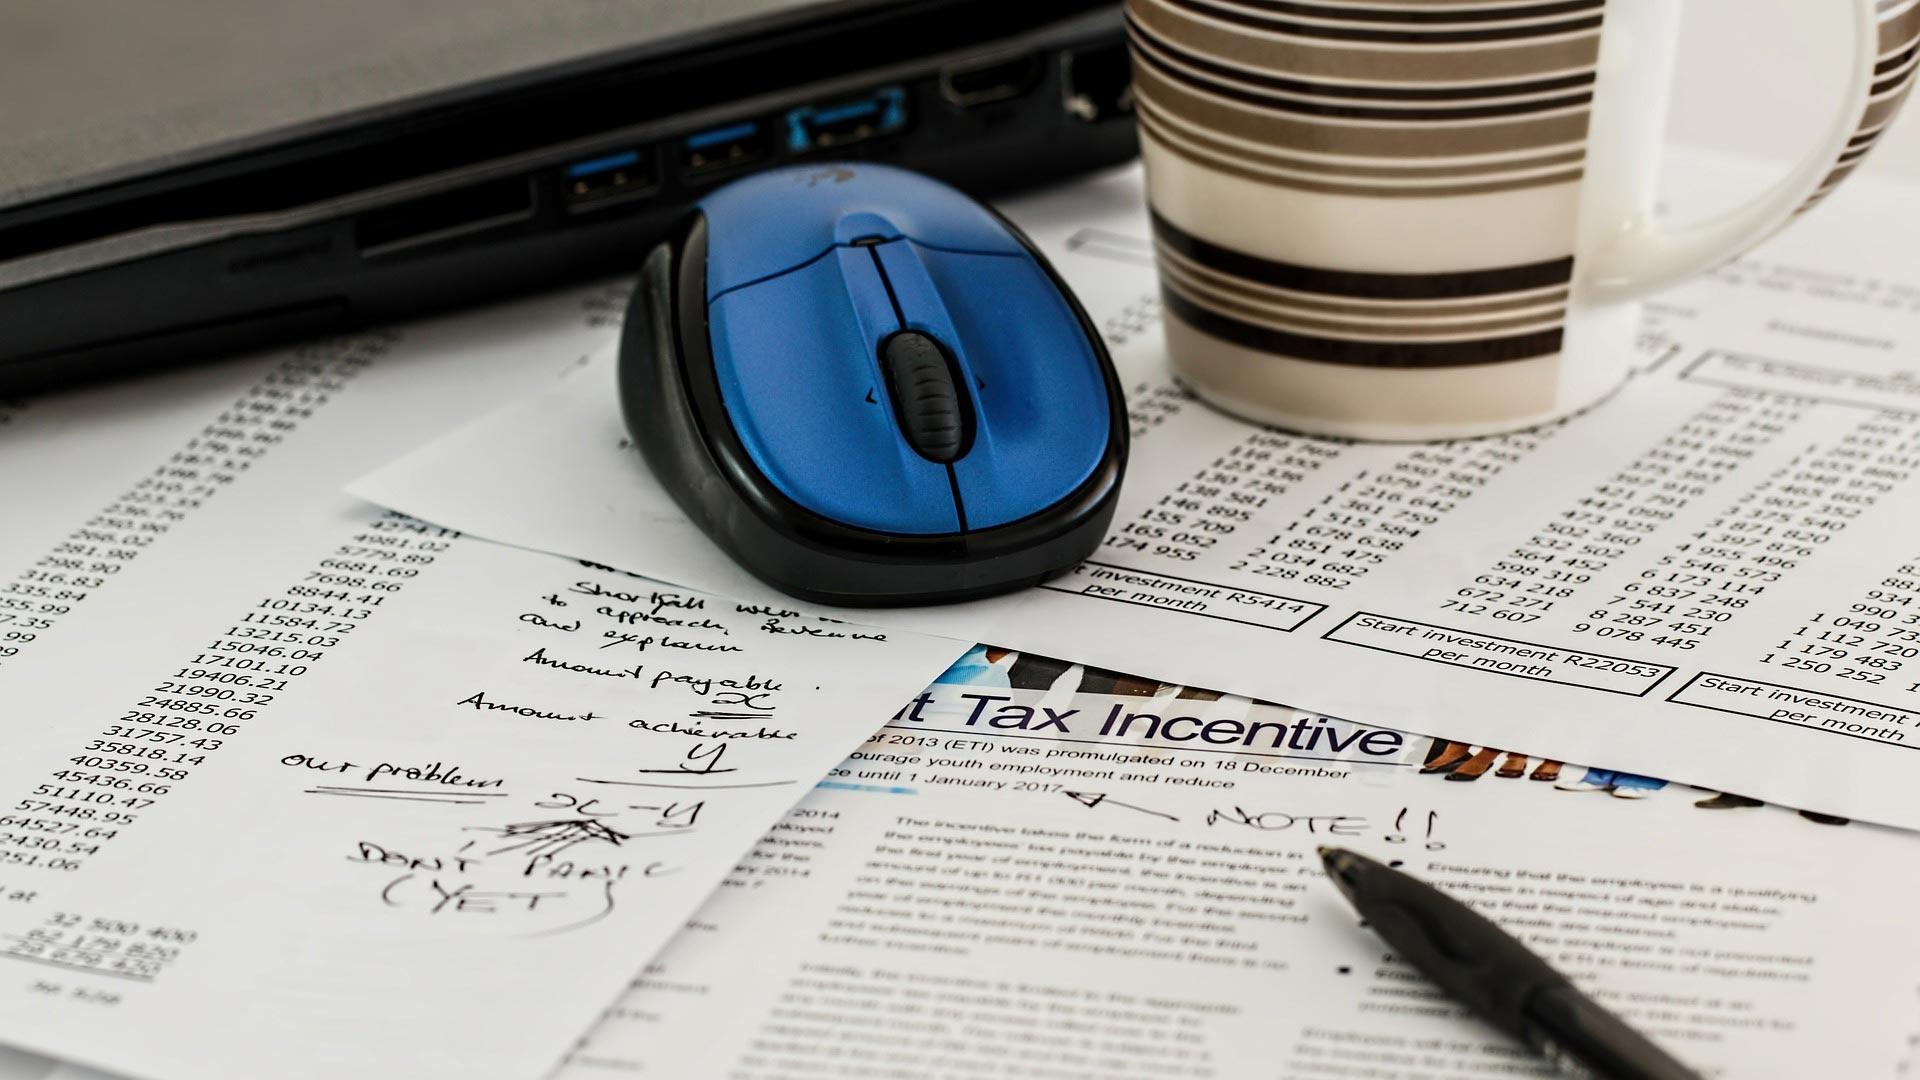 Taxes, computer